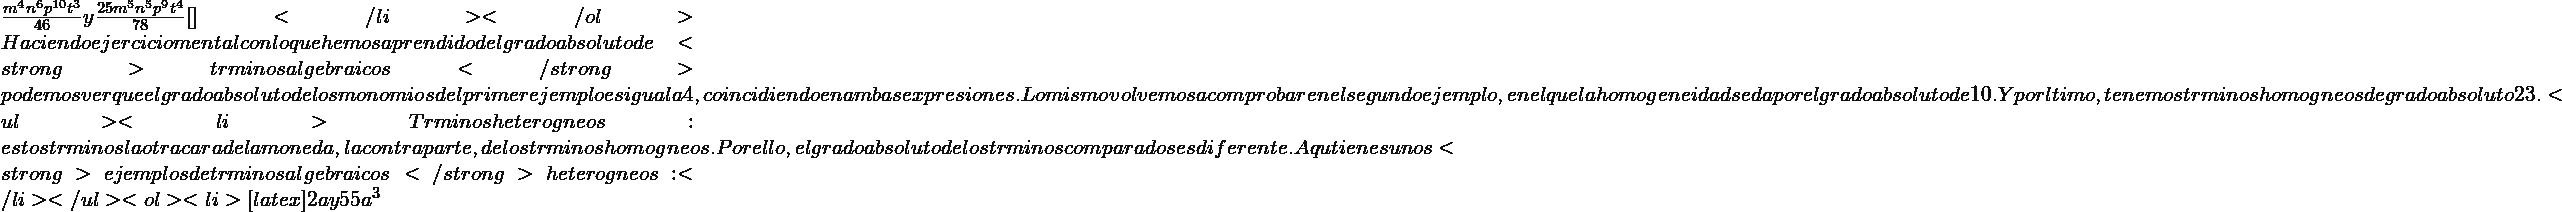 \frac{m^{4}n^{6}p^{10}t^{3}}{46} y \frac{25m^{5}n^{5}p^{9}t^{4}}{78}[\latex]</li> </ol> Haciendo ejercicio mental con lo que hemos aprendido del grado absoluto de <strong>términos algebraicos</strong> podemos ver que el grado absoluto de los monomios del primer ejemplo es igual a 4, coincidiendo en ambas expresiones. Lo mismo volvemos a comprobar en el segundo ejemplo, en el que la homogeneidad se da por el grado absoluto de 10. Y por último, tenemos términos homogéneos de grado absoluto 23. <ul>  <li>Términos heterogéneos: estos términos la otra cara de la moneda, la contraparte, de los términos homogéneos. Por ello, el grado absoluto de los términos comparados es diferente. Aquí tienes unos <strong>ejemplos de términos algebraicos</strong> heterogéneos:</li> </ul> <ol>  <li>[latex] 2a y 55a^{3}